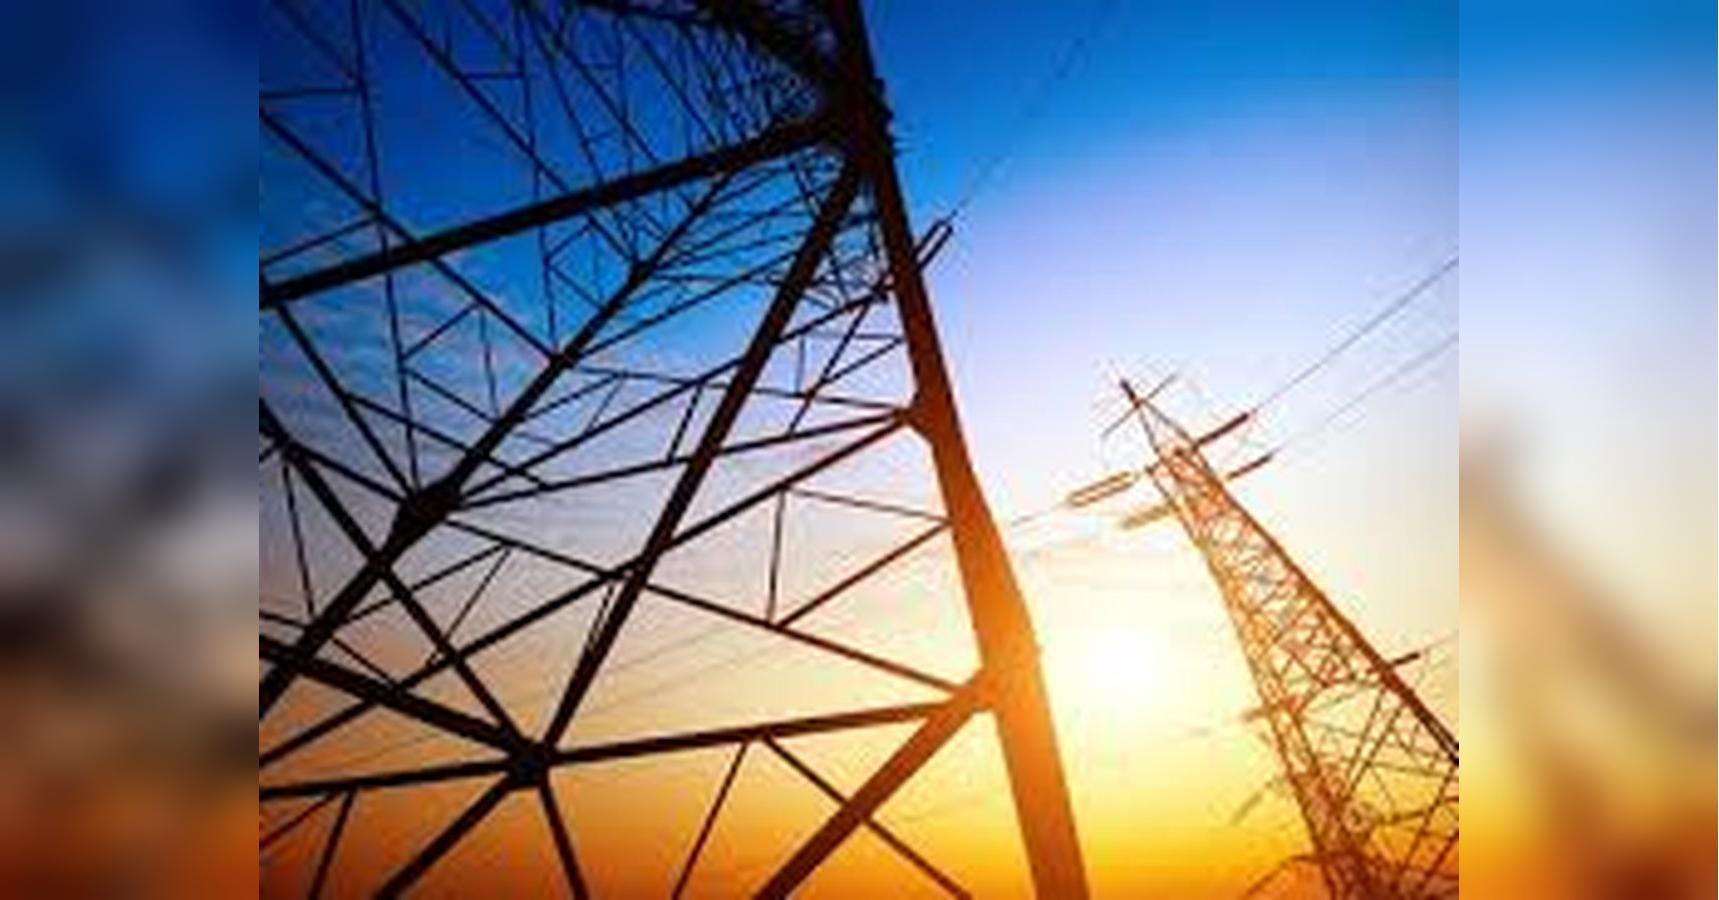 Несмотря на заявления Геруса, российский импорт вытесняет компанию «Энергоатом», — СМИ